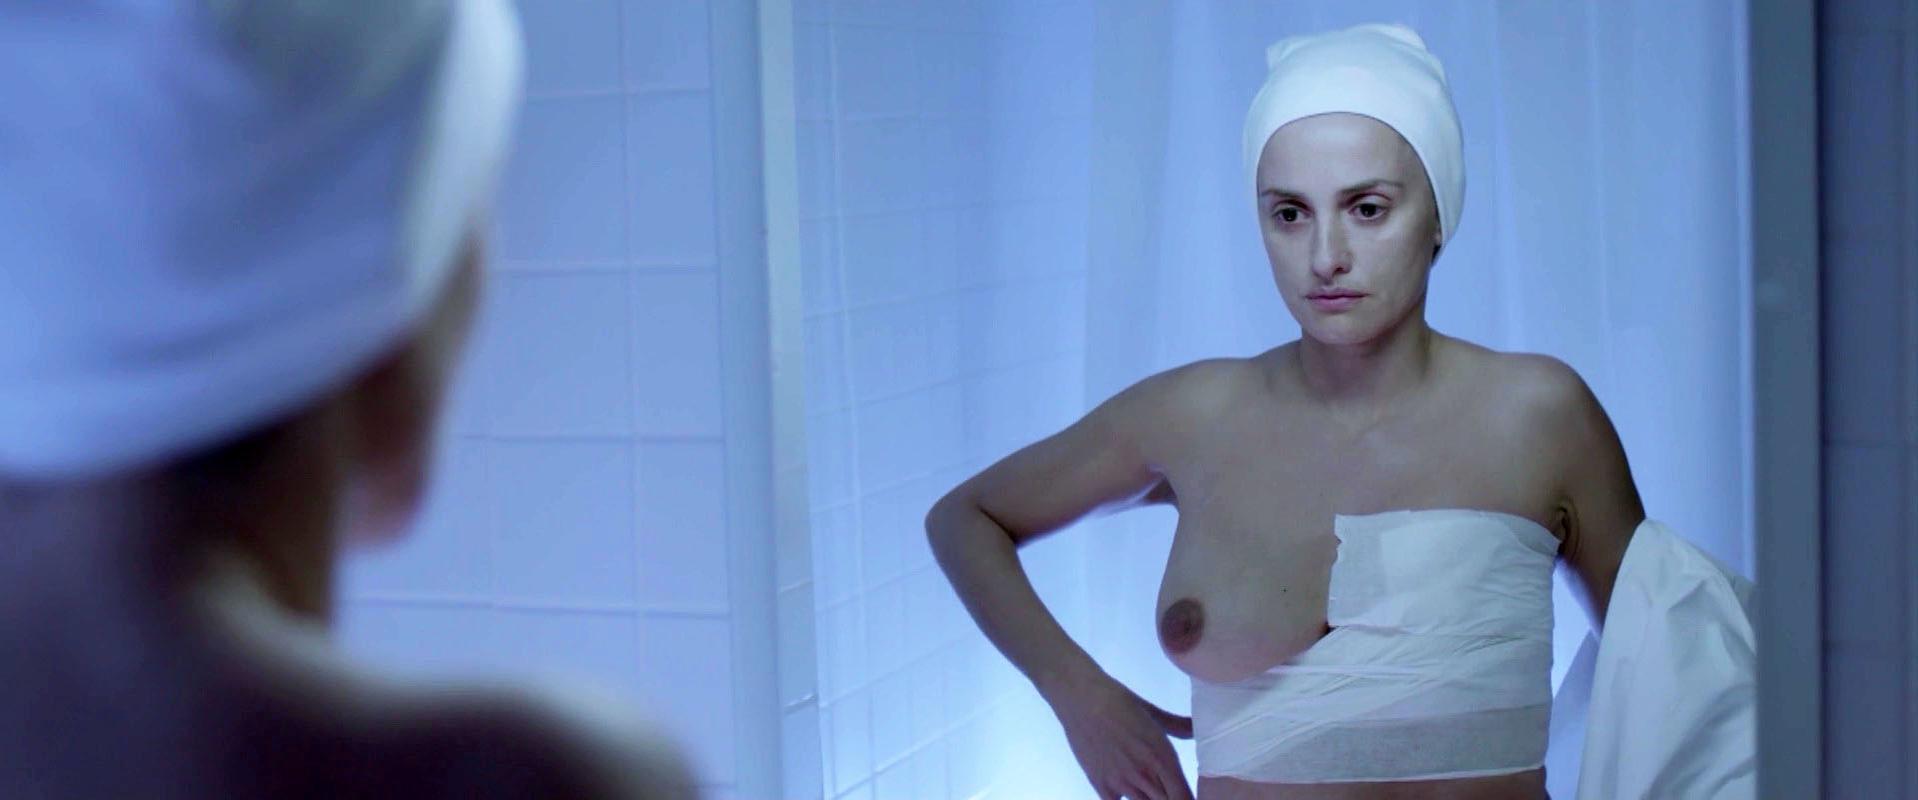 Girls military tv naked